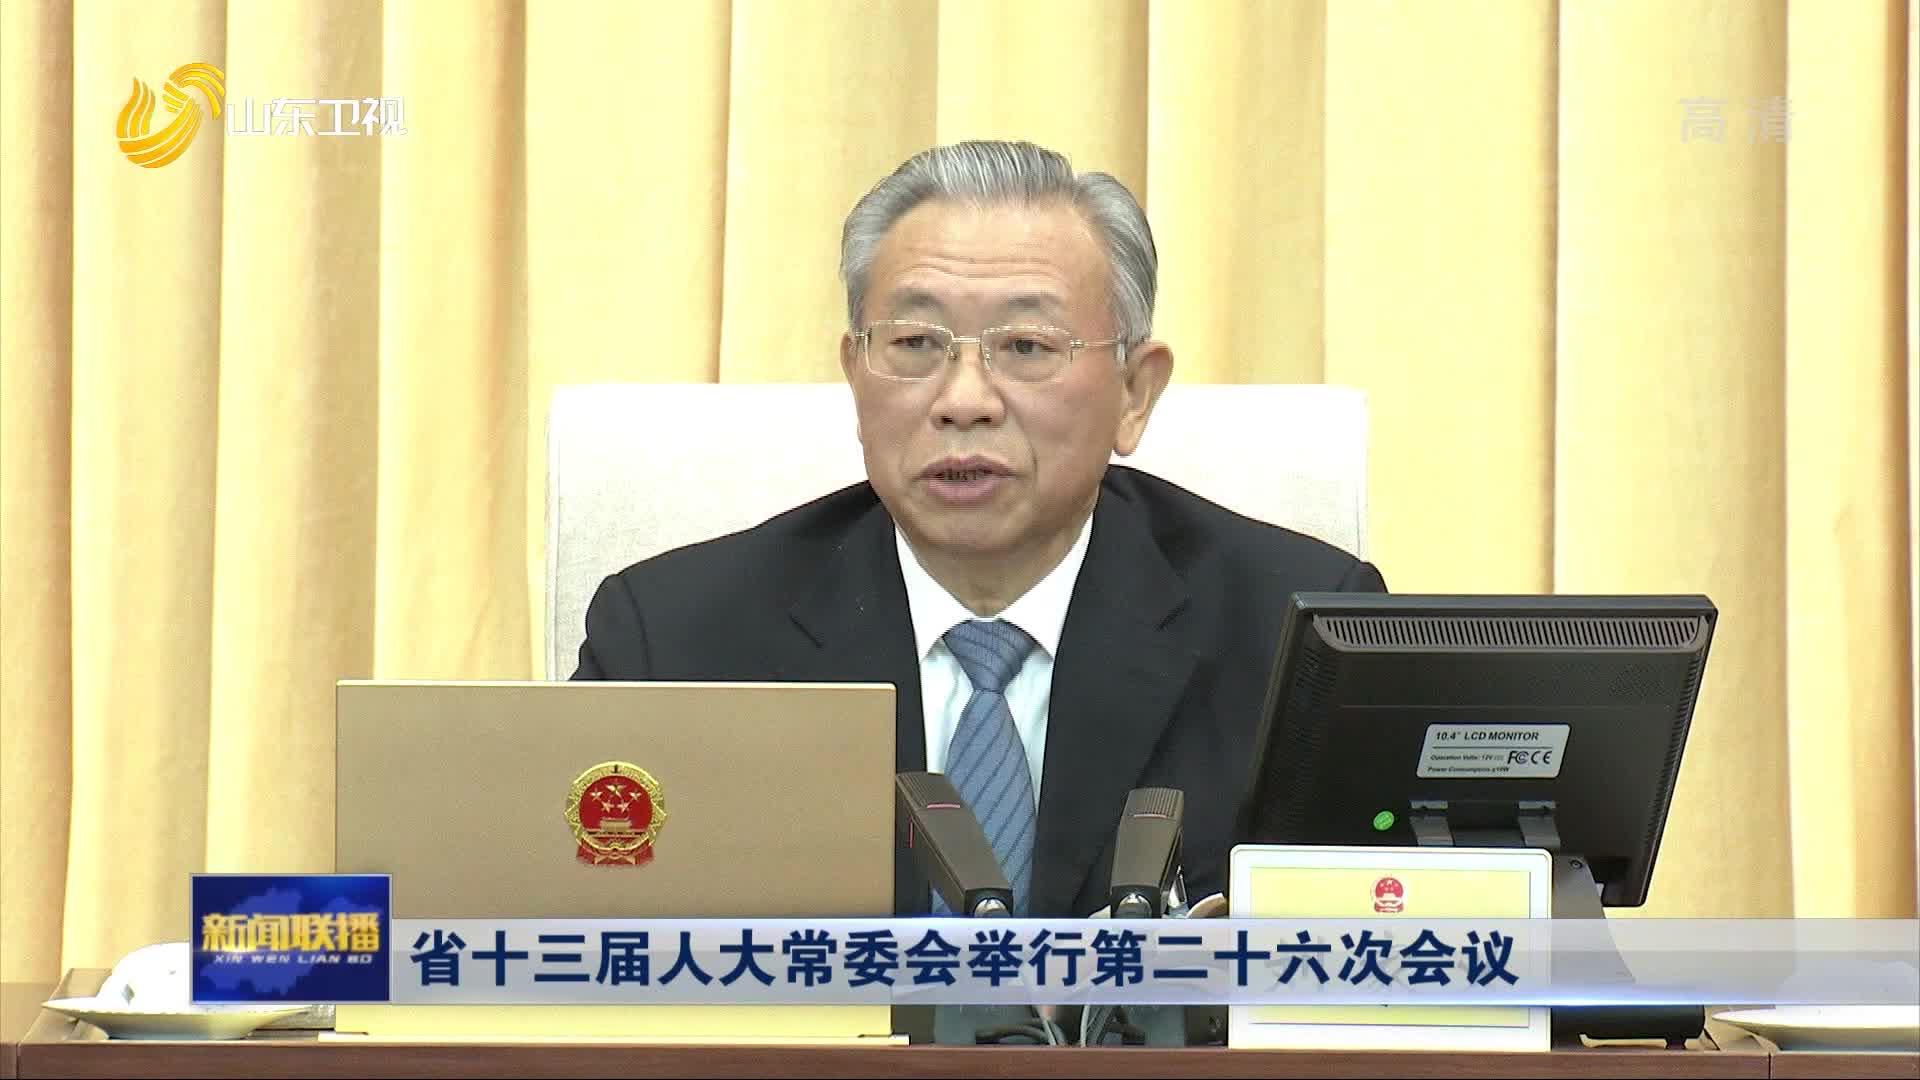 省十三届人大常委会举行第二十六次会议